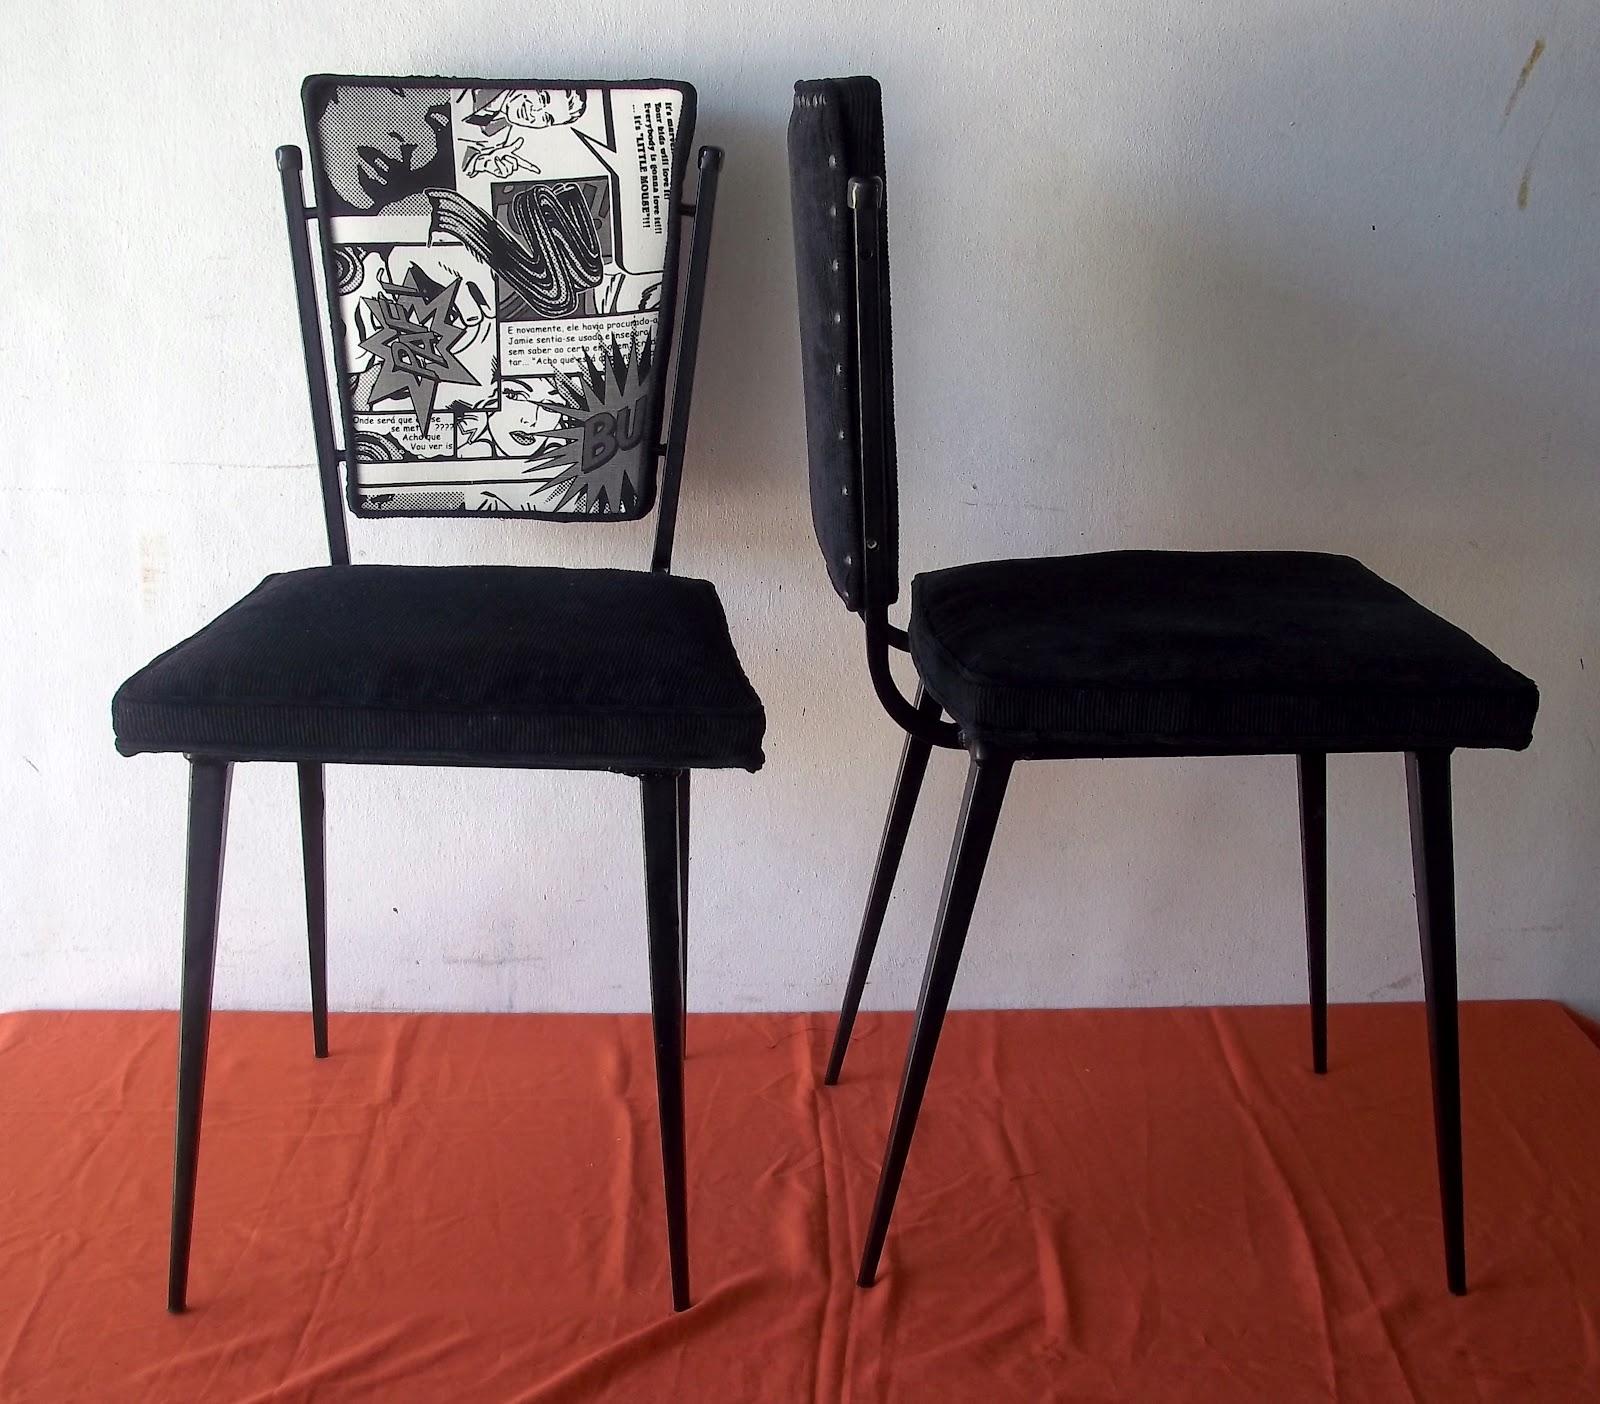 Disegno bufo sillas super comics for Sillas para viejitos